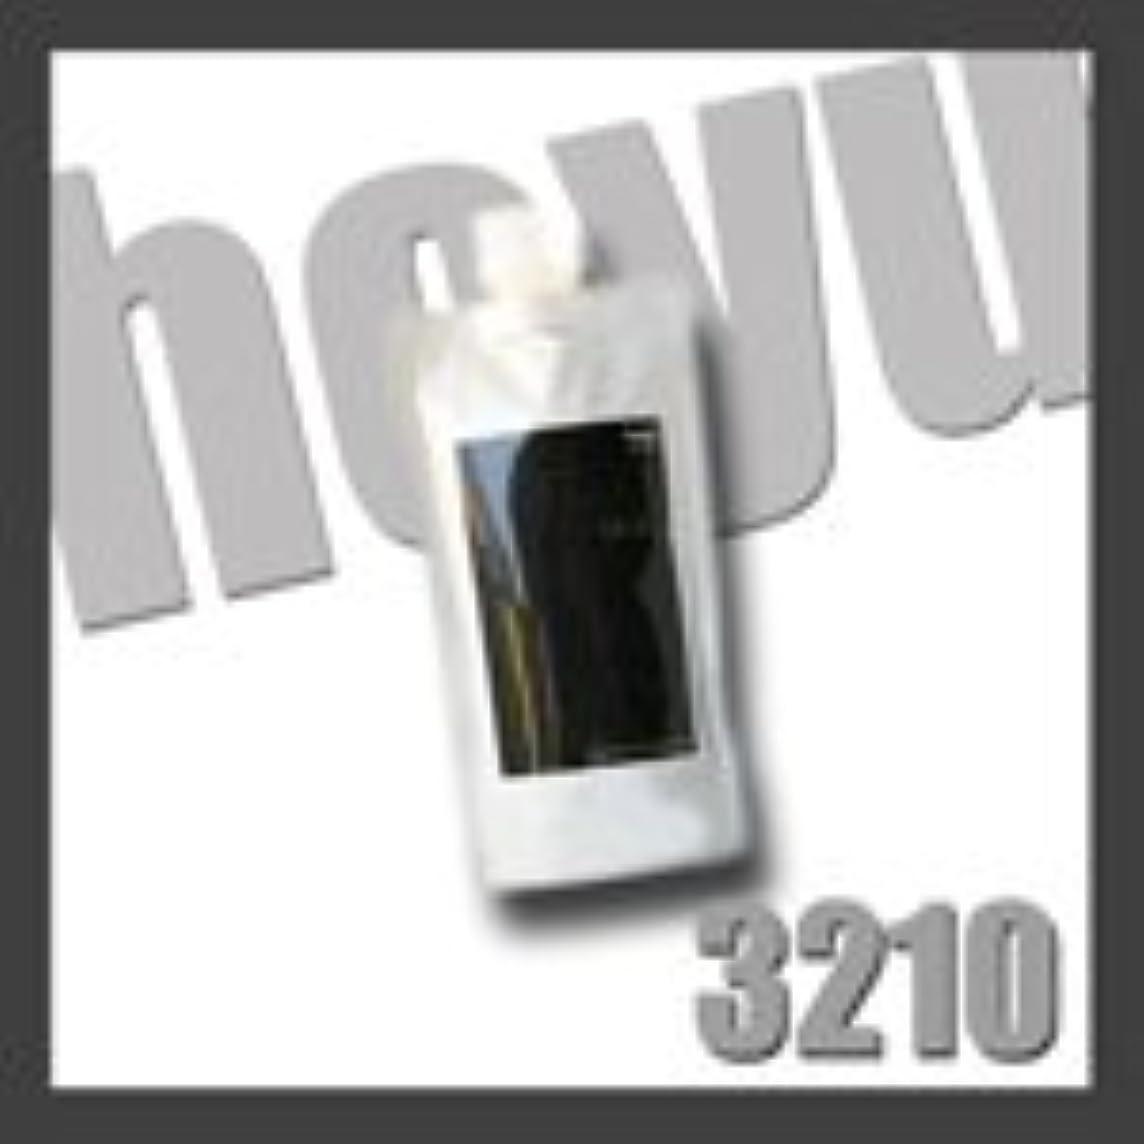 時々時々財団座標HOYU ホーユー 3210 ミニーレ ウルトラハード ワックス レフィル 200g 詰替用 フィニッシュワークシリーズ